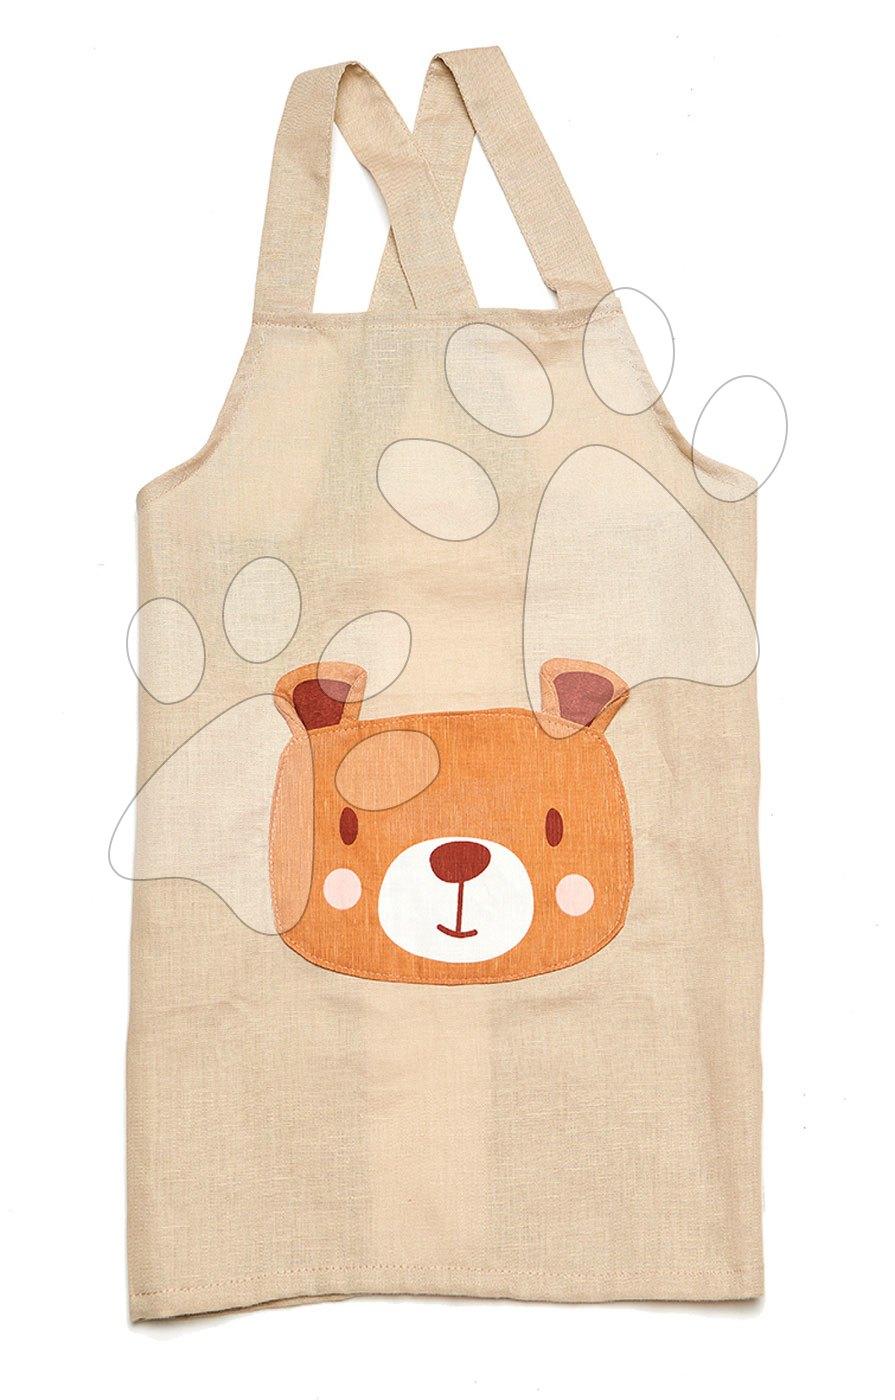 Zástěra pro děti Medvěd Bear Linen Cotton Apron ThreadBear z bavlny jemně béžová od 3–8 let